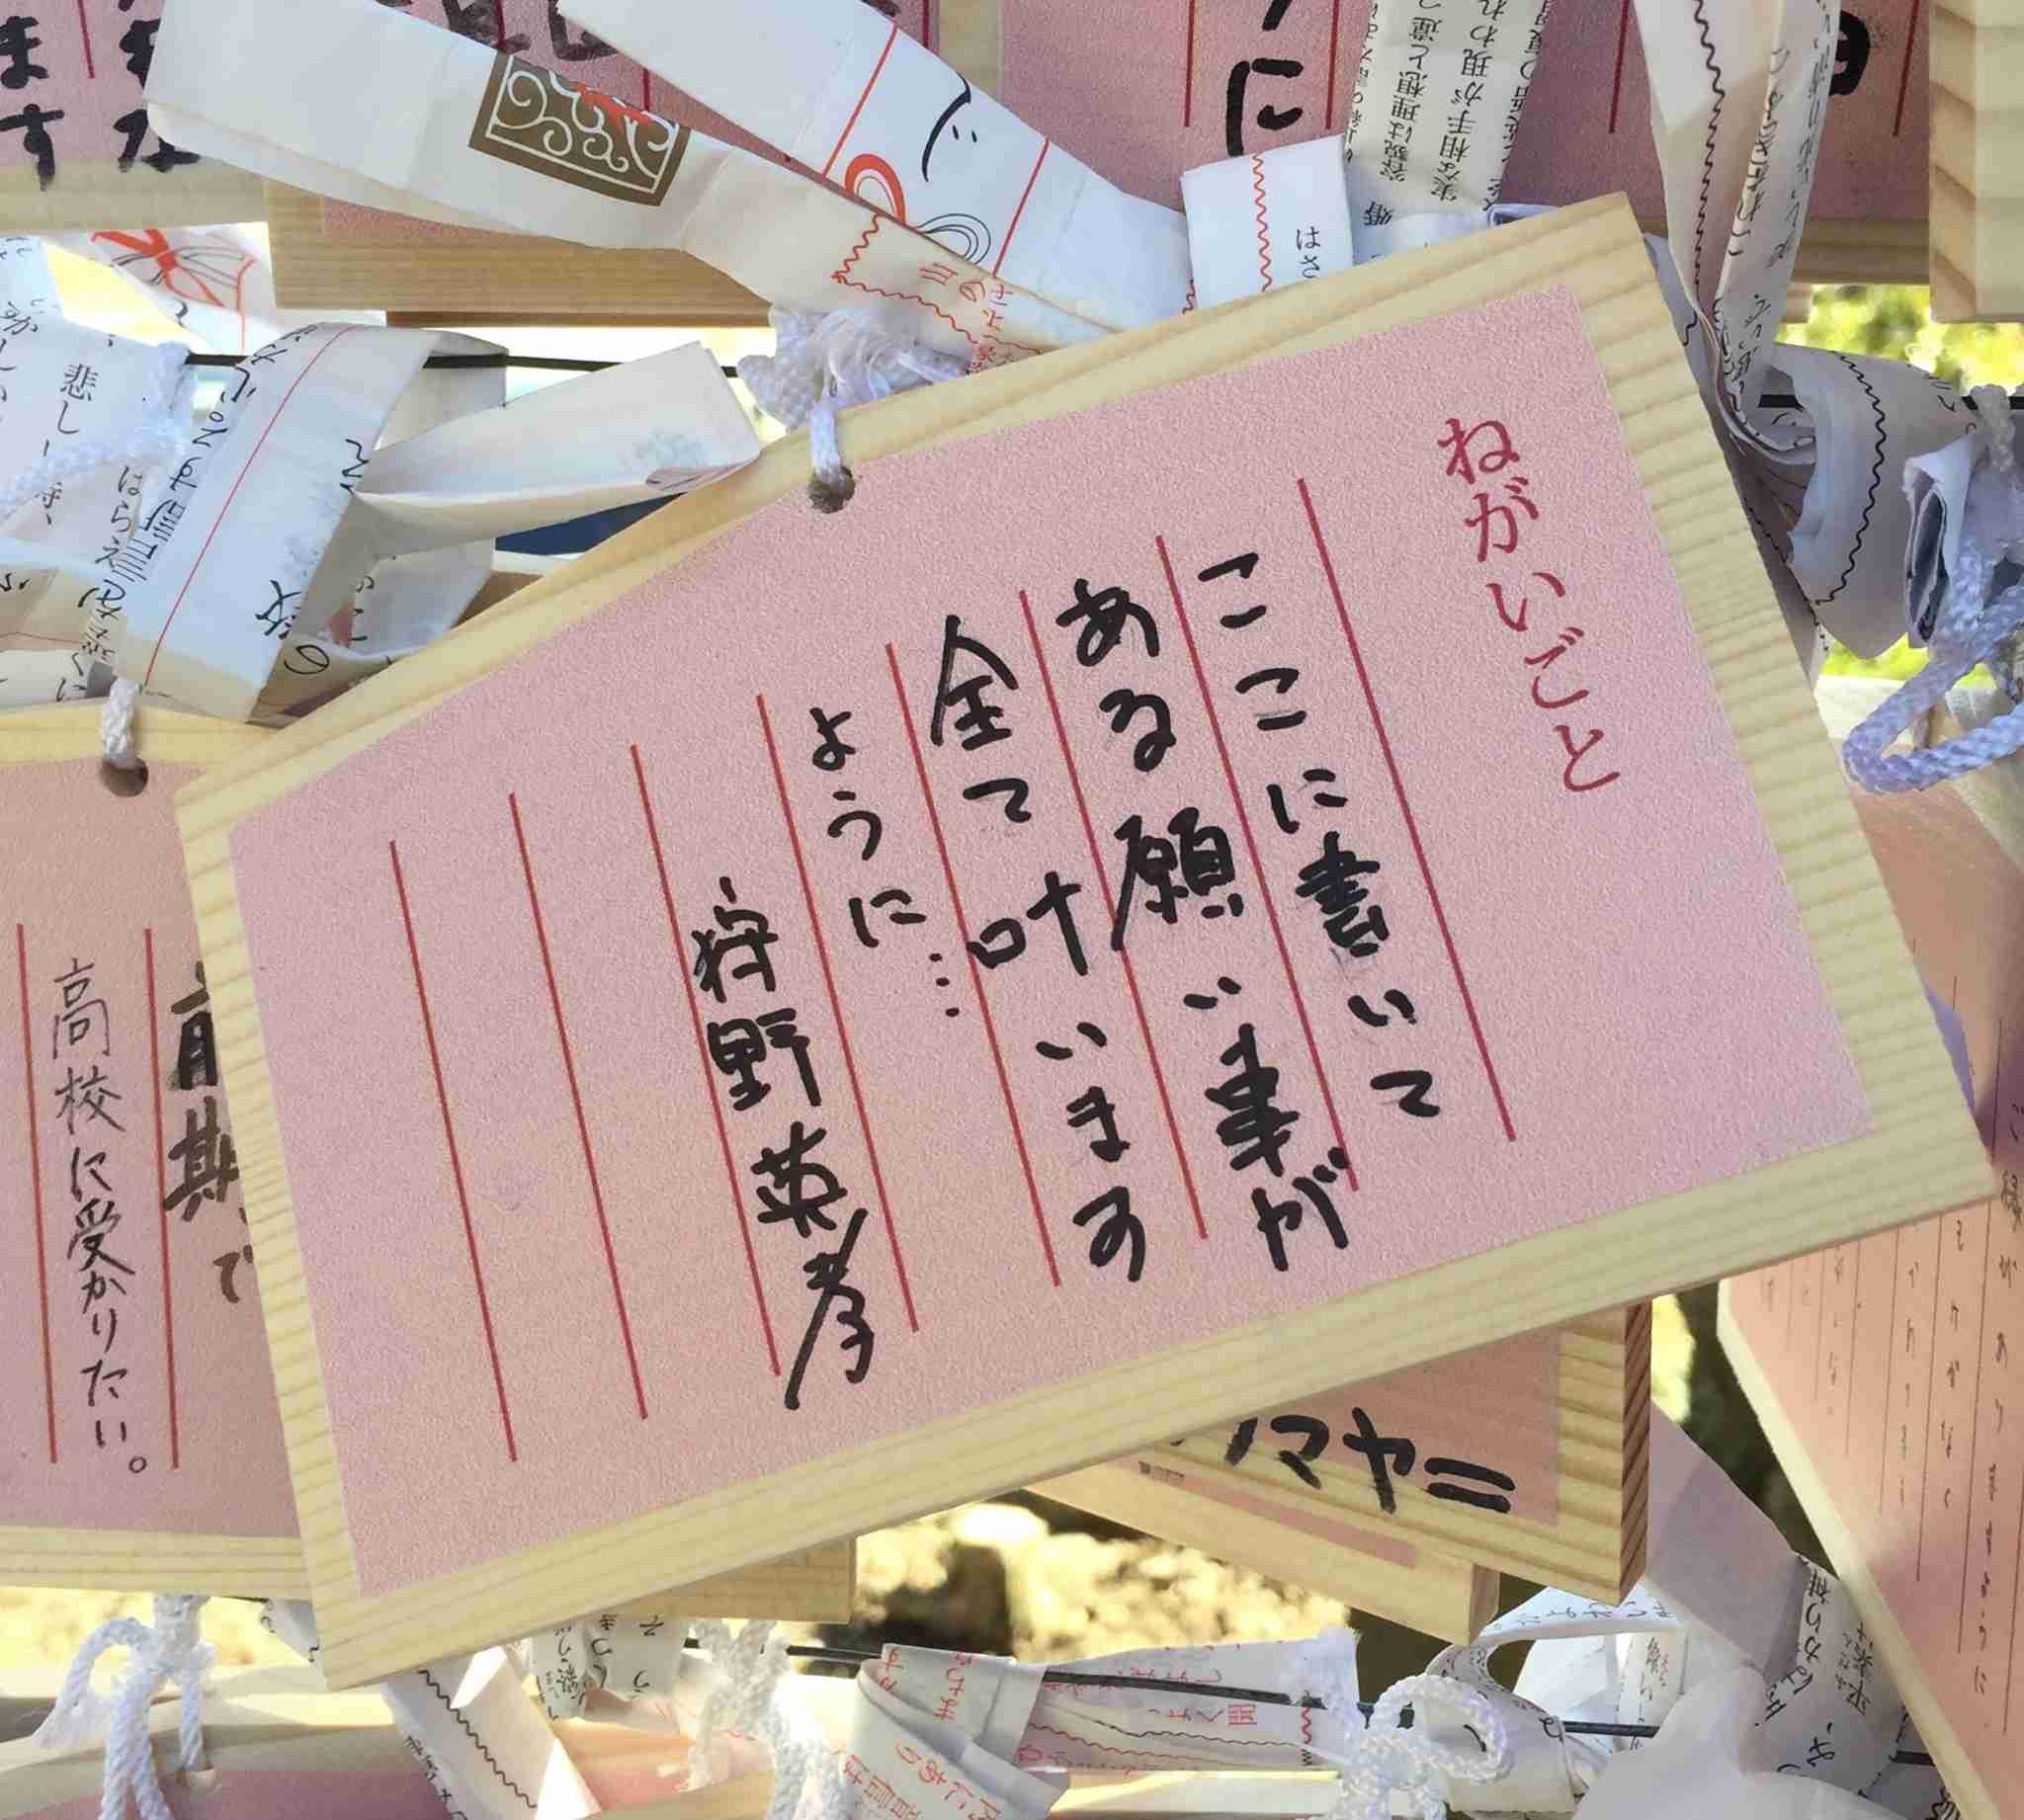 狩野英孝、自宅神社の御朱印帳が大人気 早々売り切れで惜しむ声